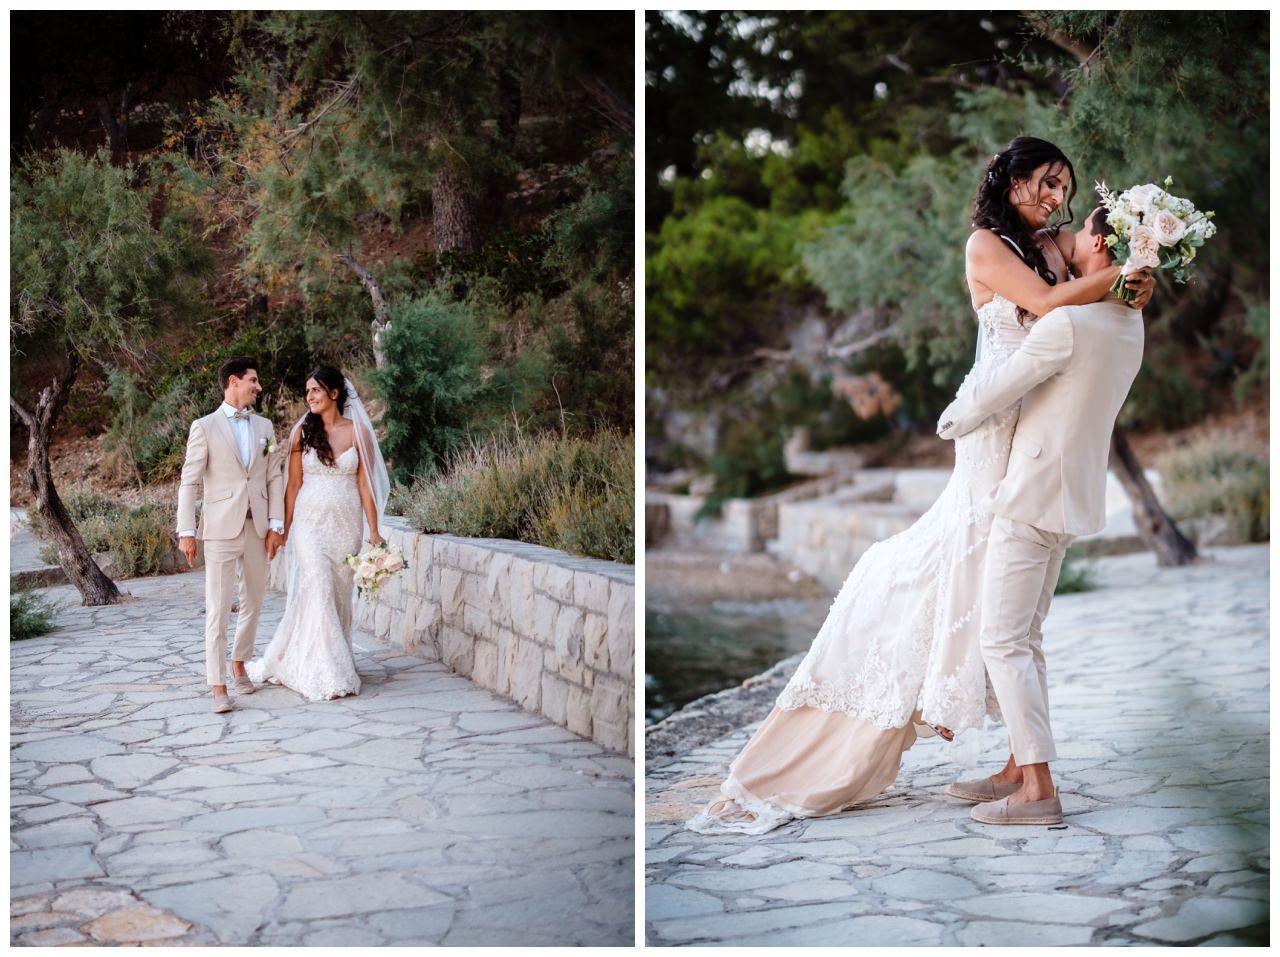 Hochzeit kroatien heiraten split ausland hochzeitsfotograf 44 - Freie Trauung in Kroatien